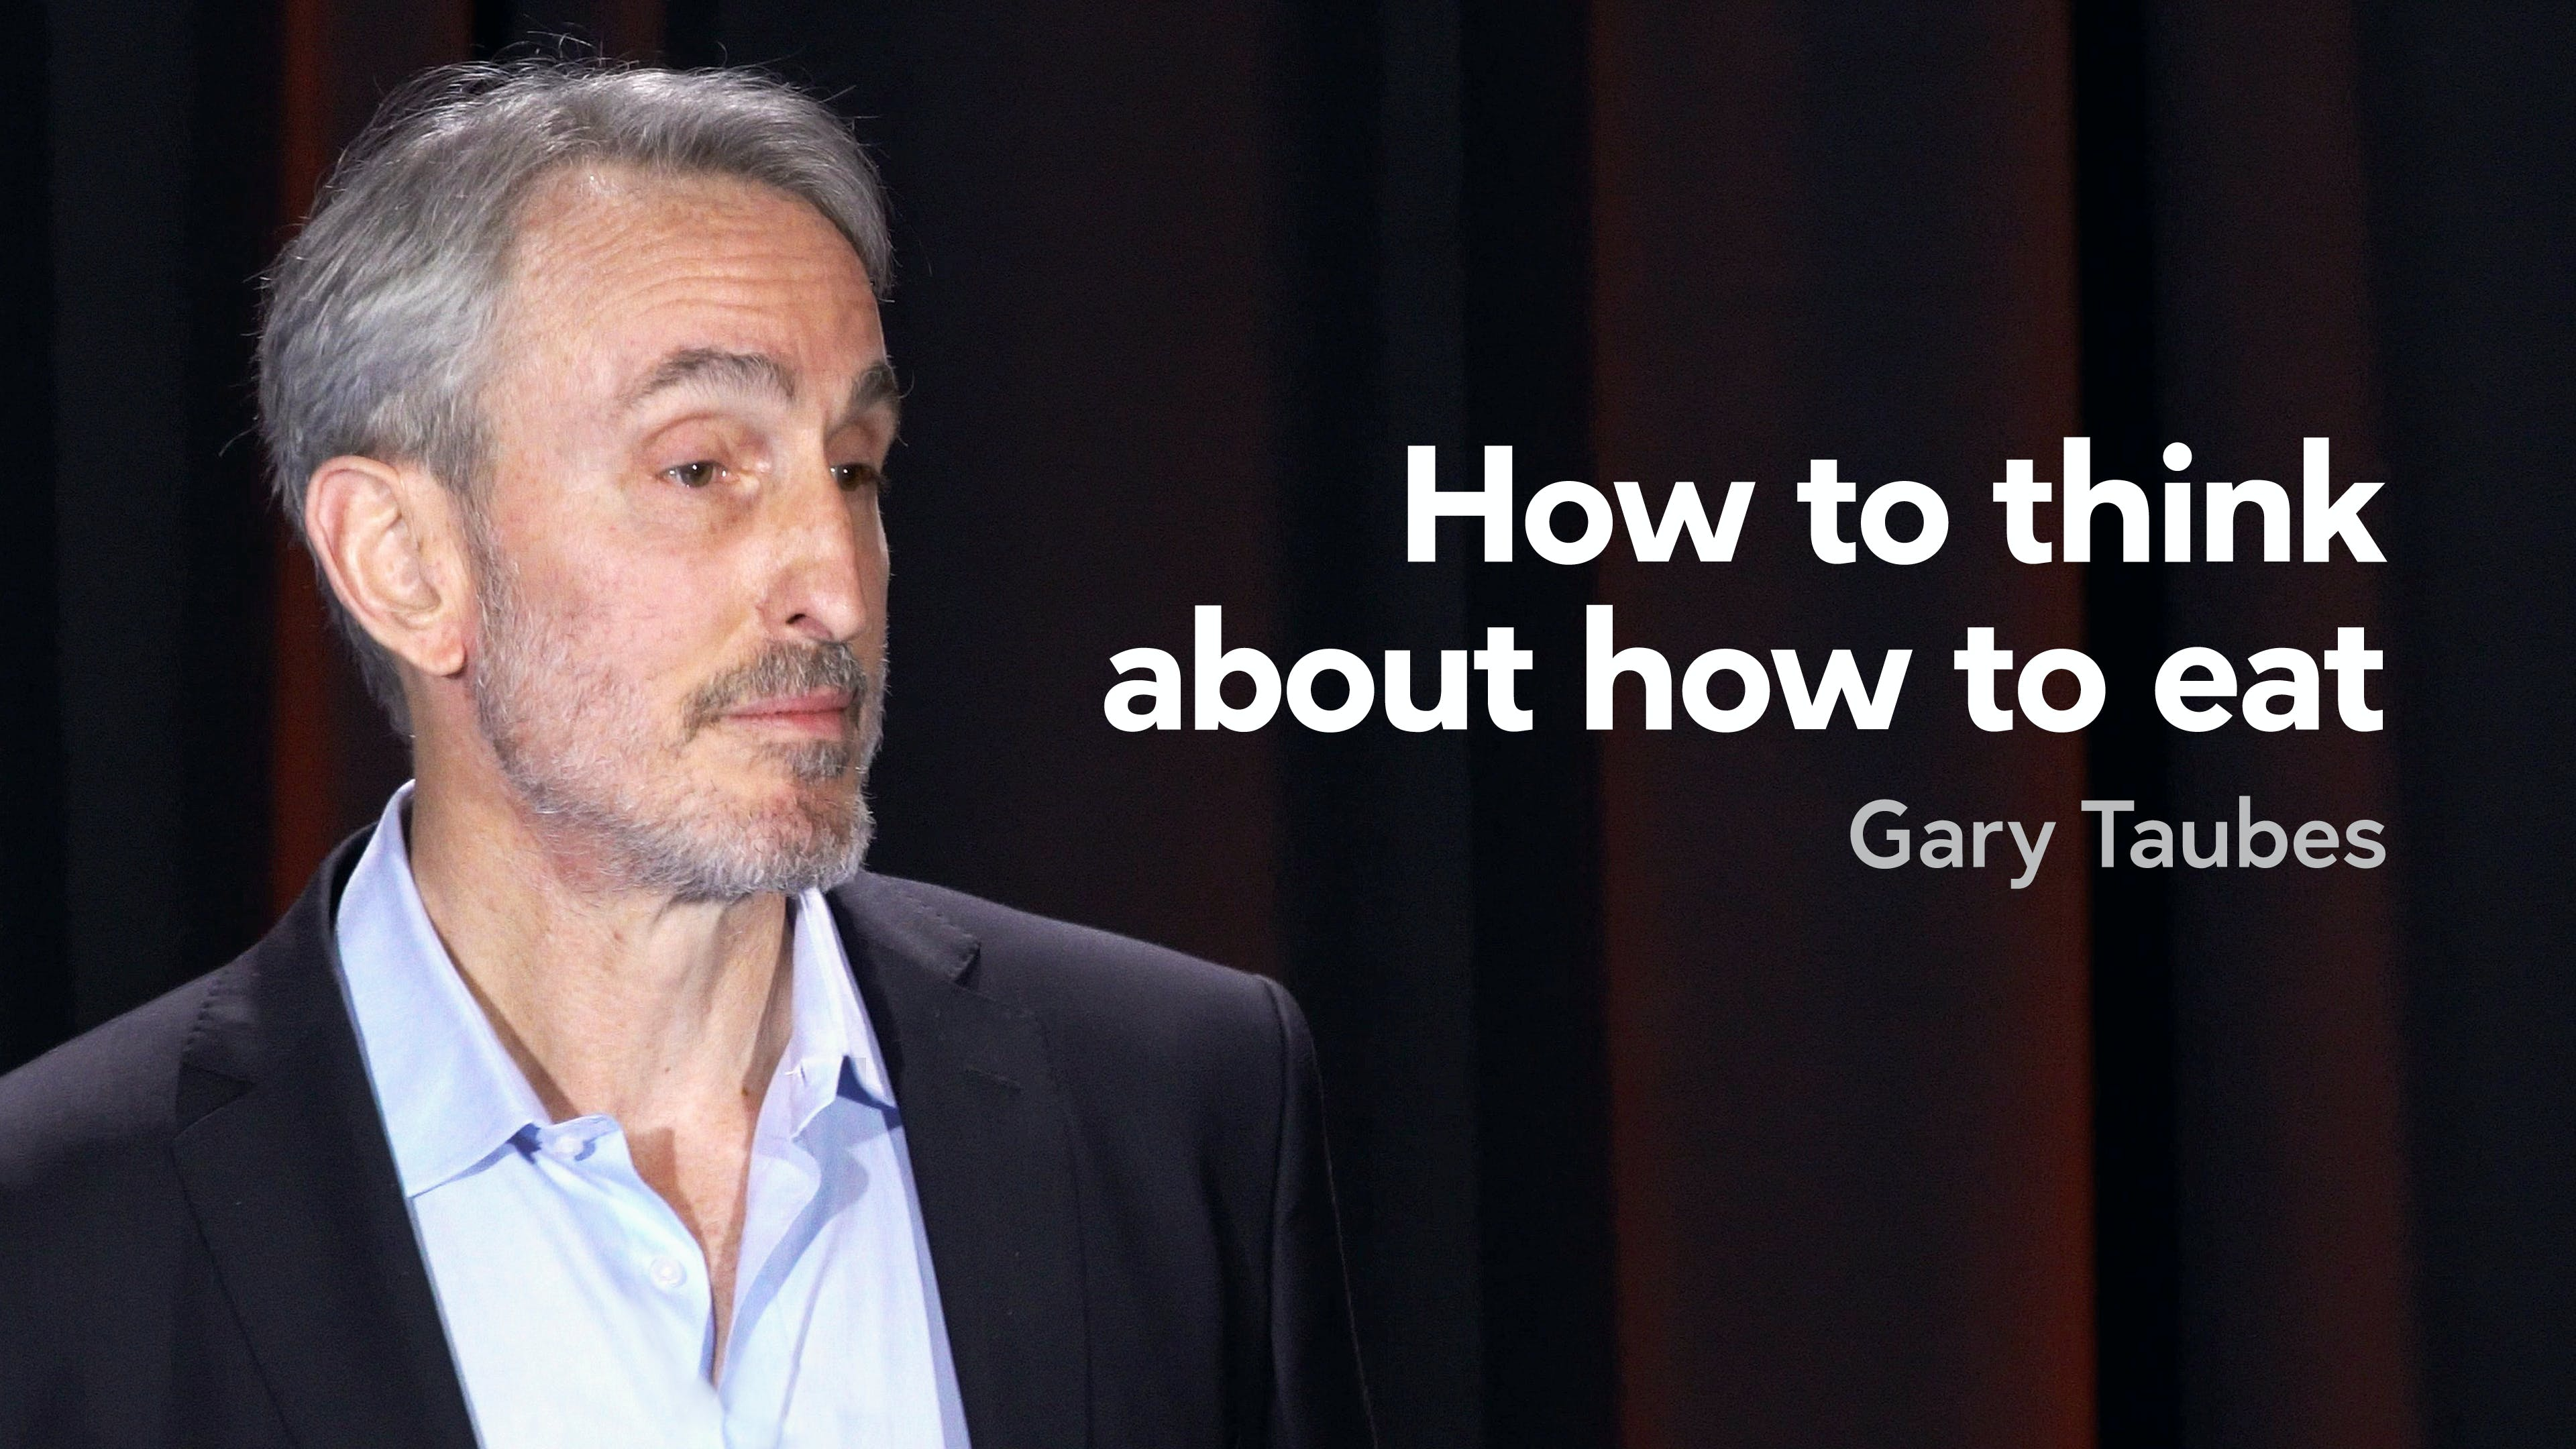 comment penser comment tu manges, Gary Taubes